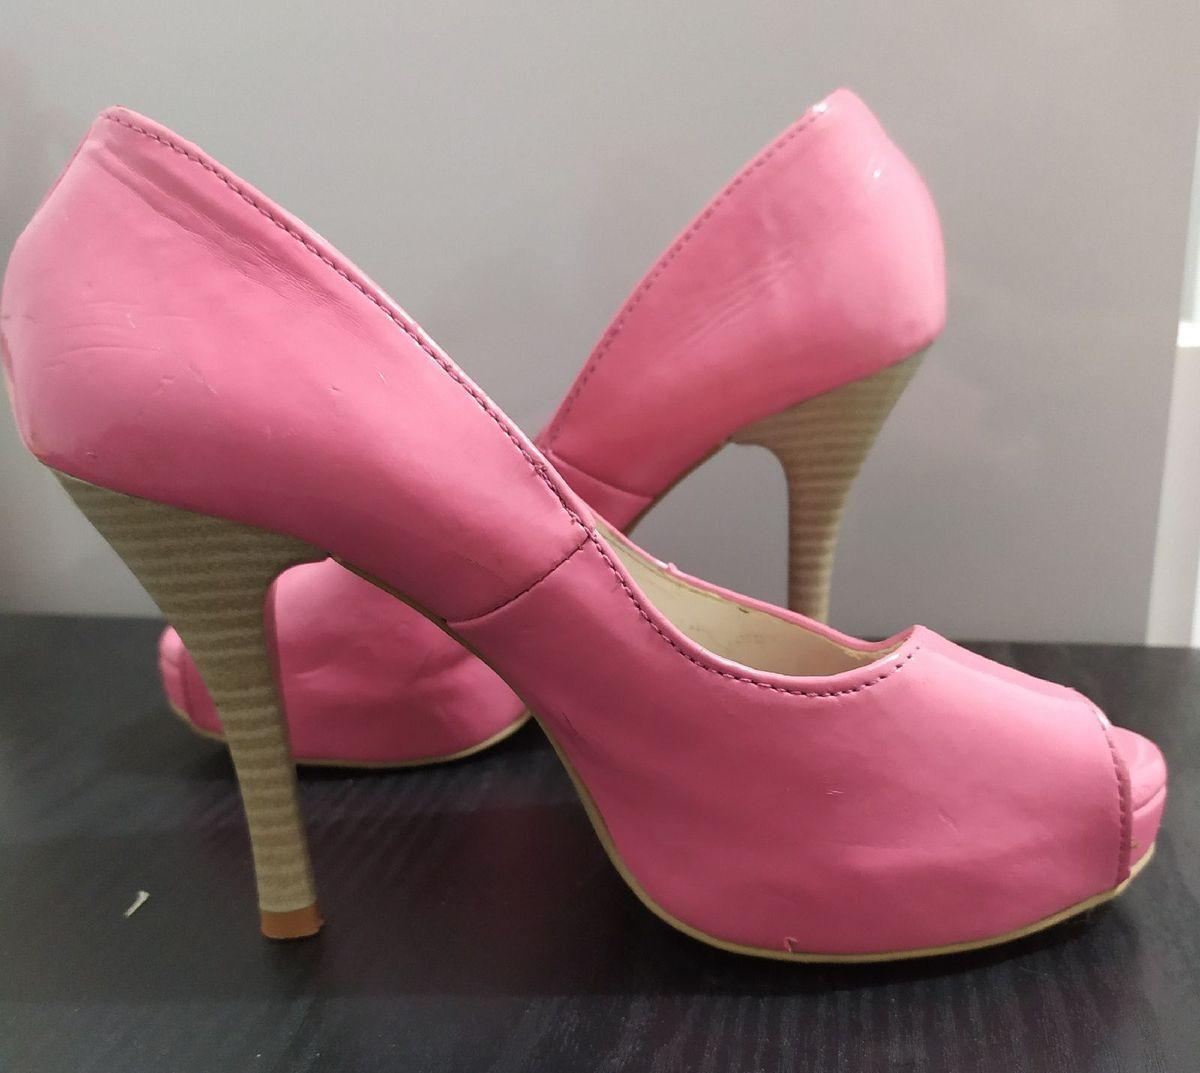 sapato amuleto rosa - sapatos amuleto